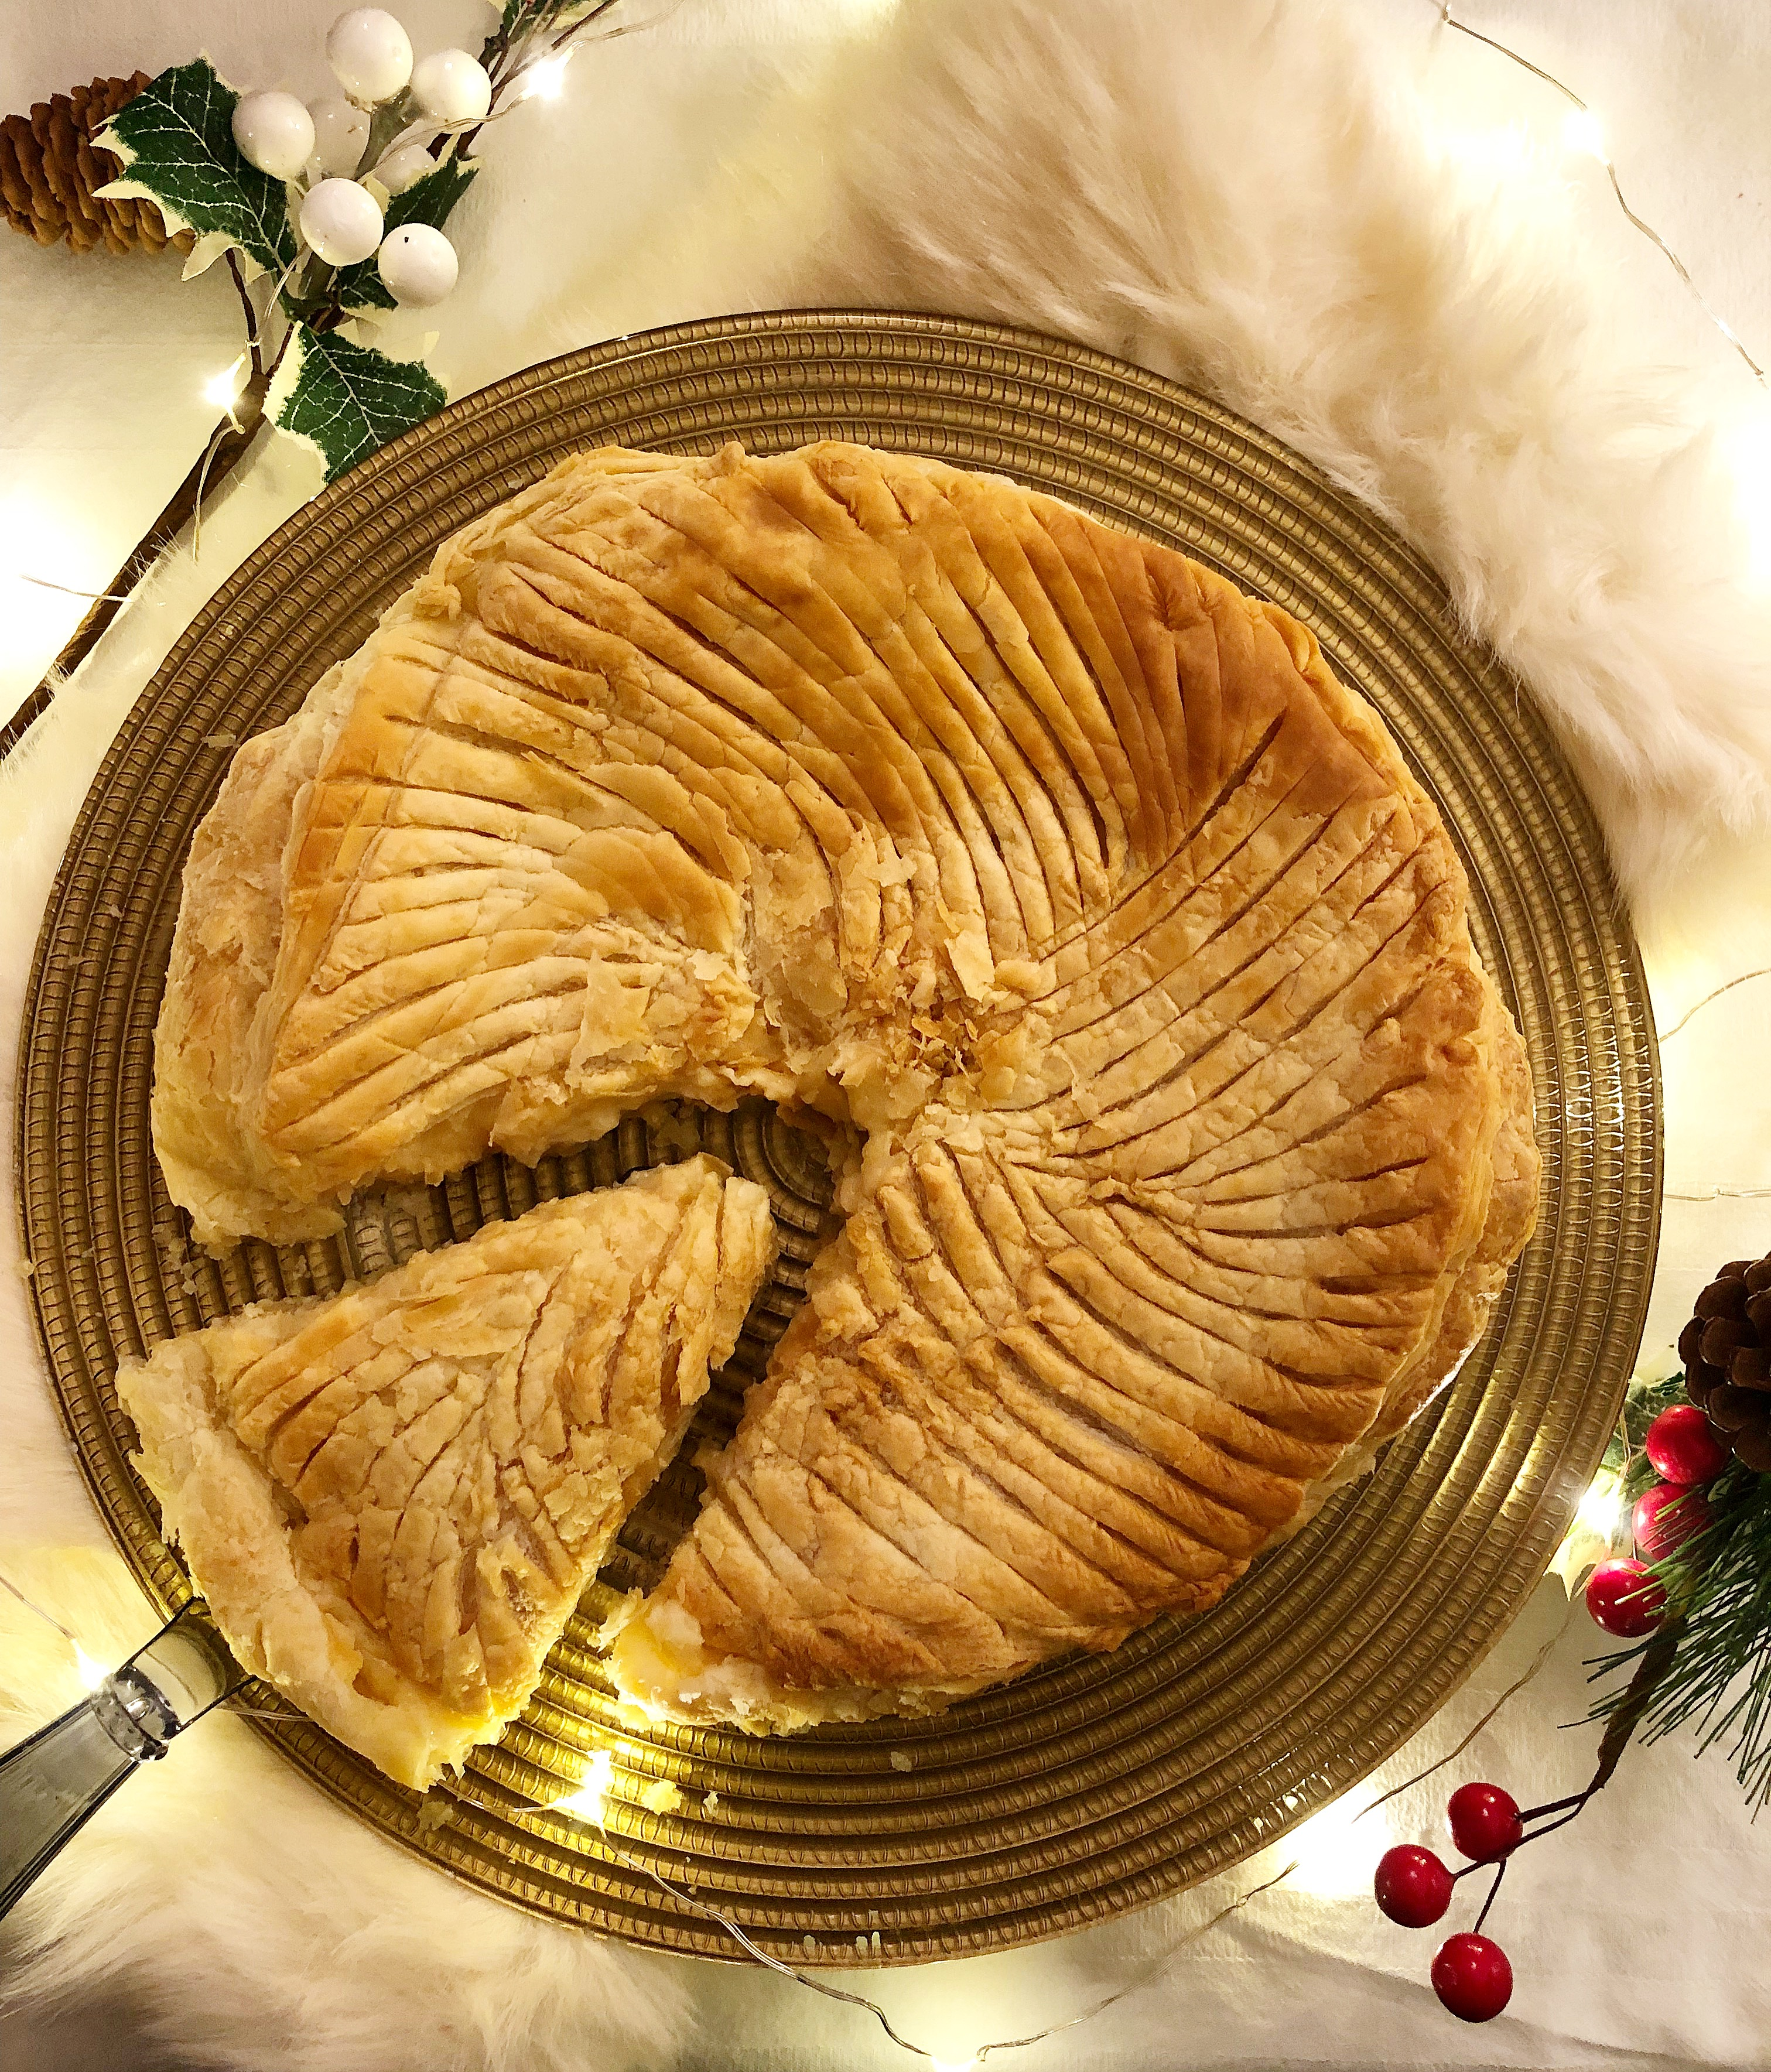 La Galette de Rois il dolce francese dell'epifania di dolci senza burro